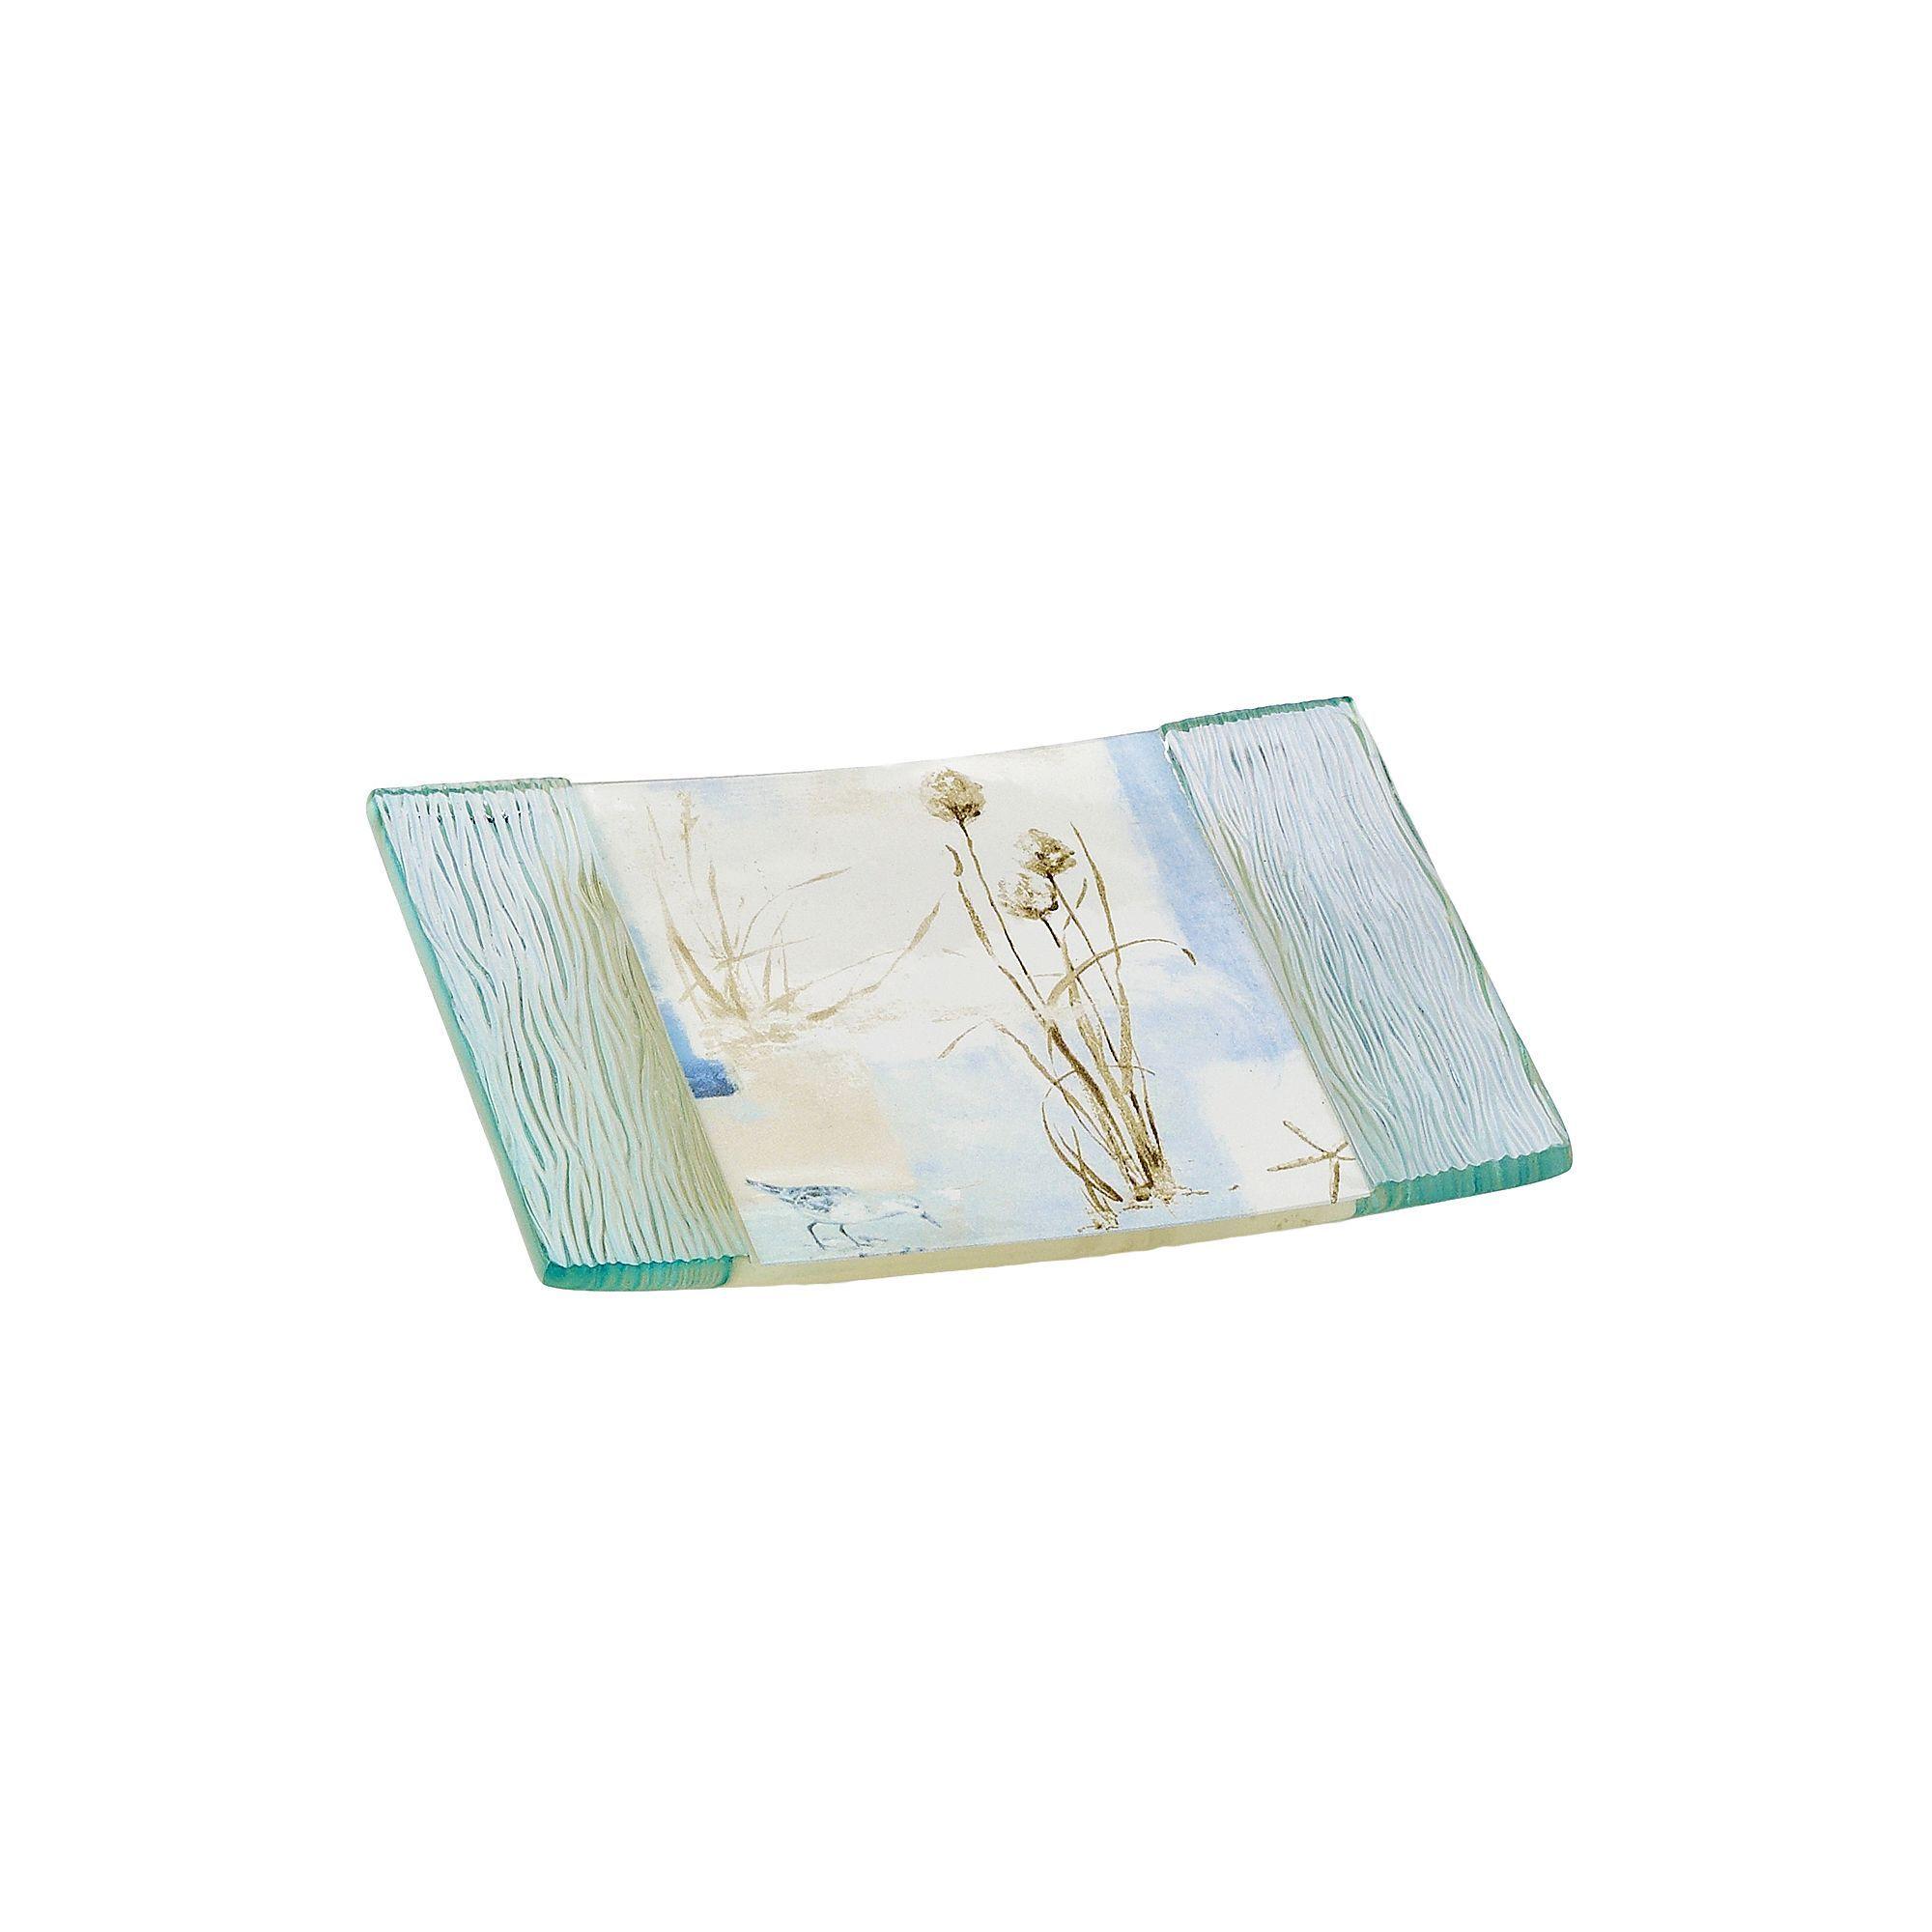 Avanti Blue Waters Soap Dish Diy bathroom decor, Soap